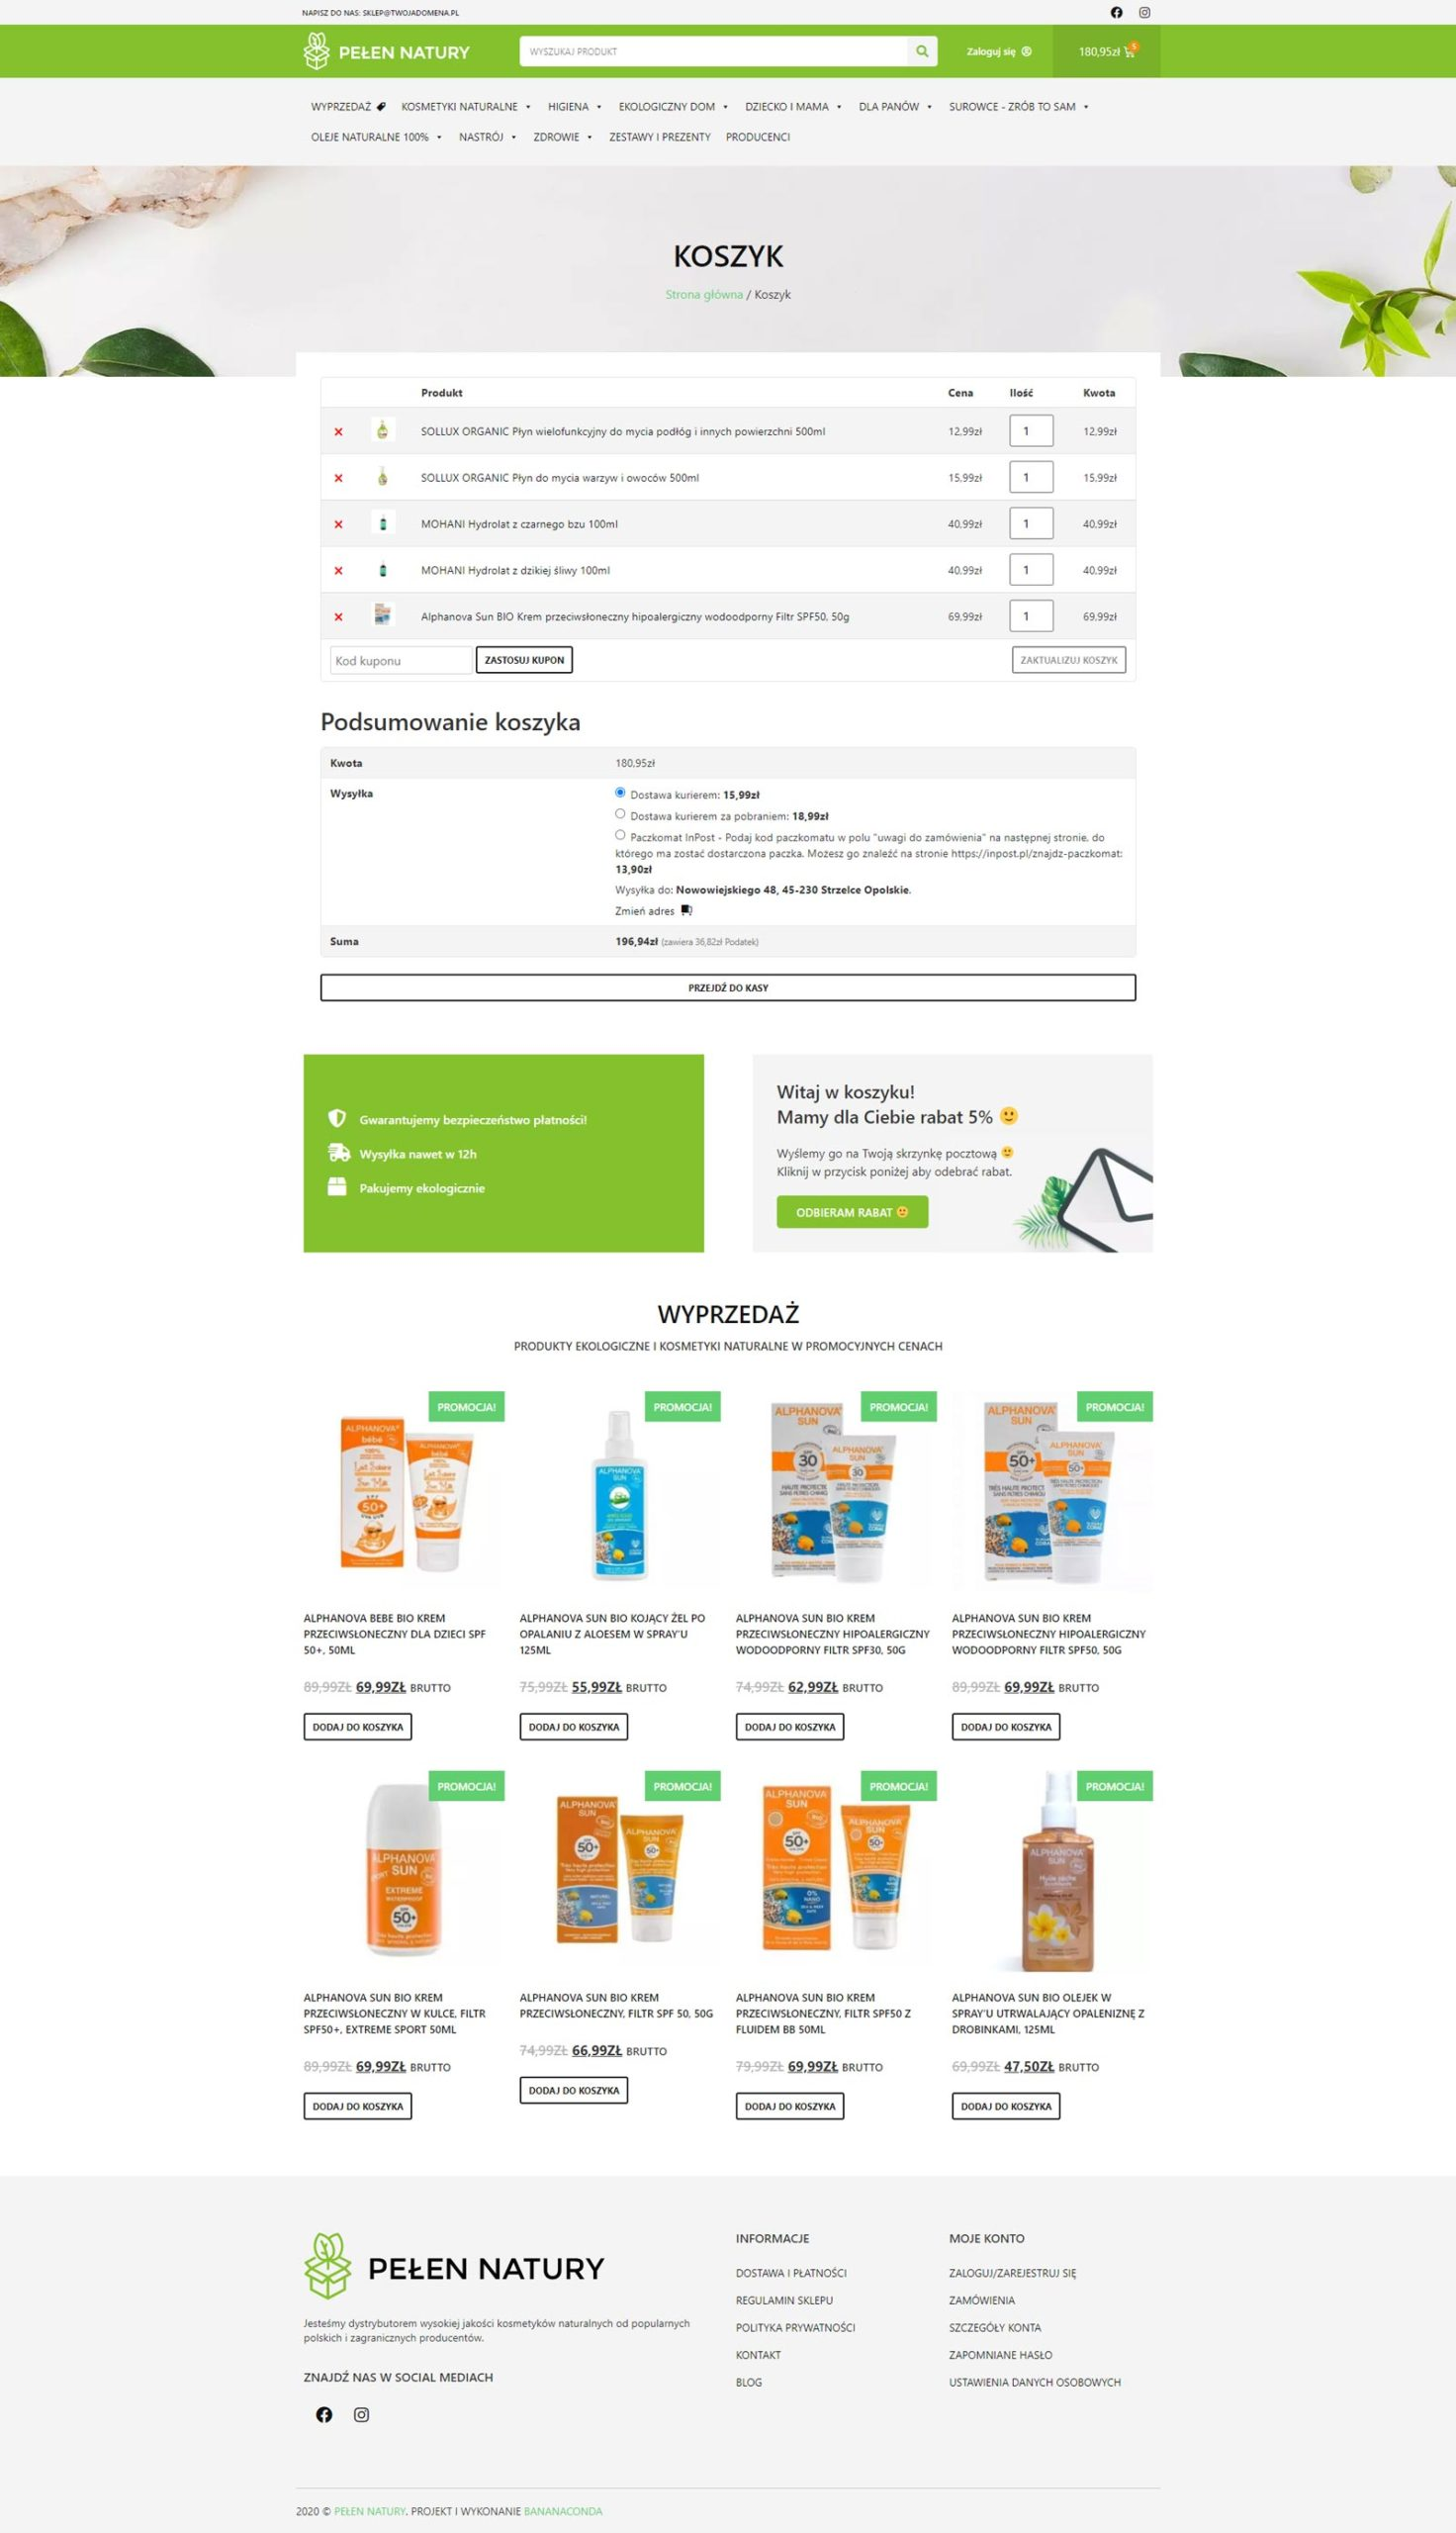 wizualizacja sklepu internetowego